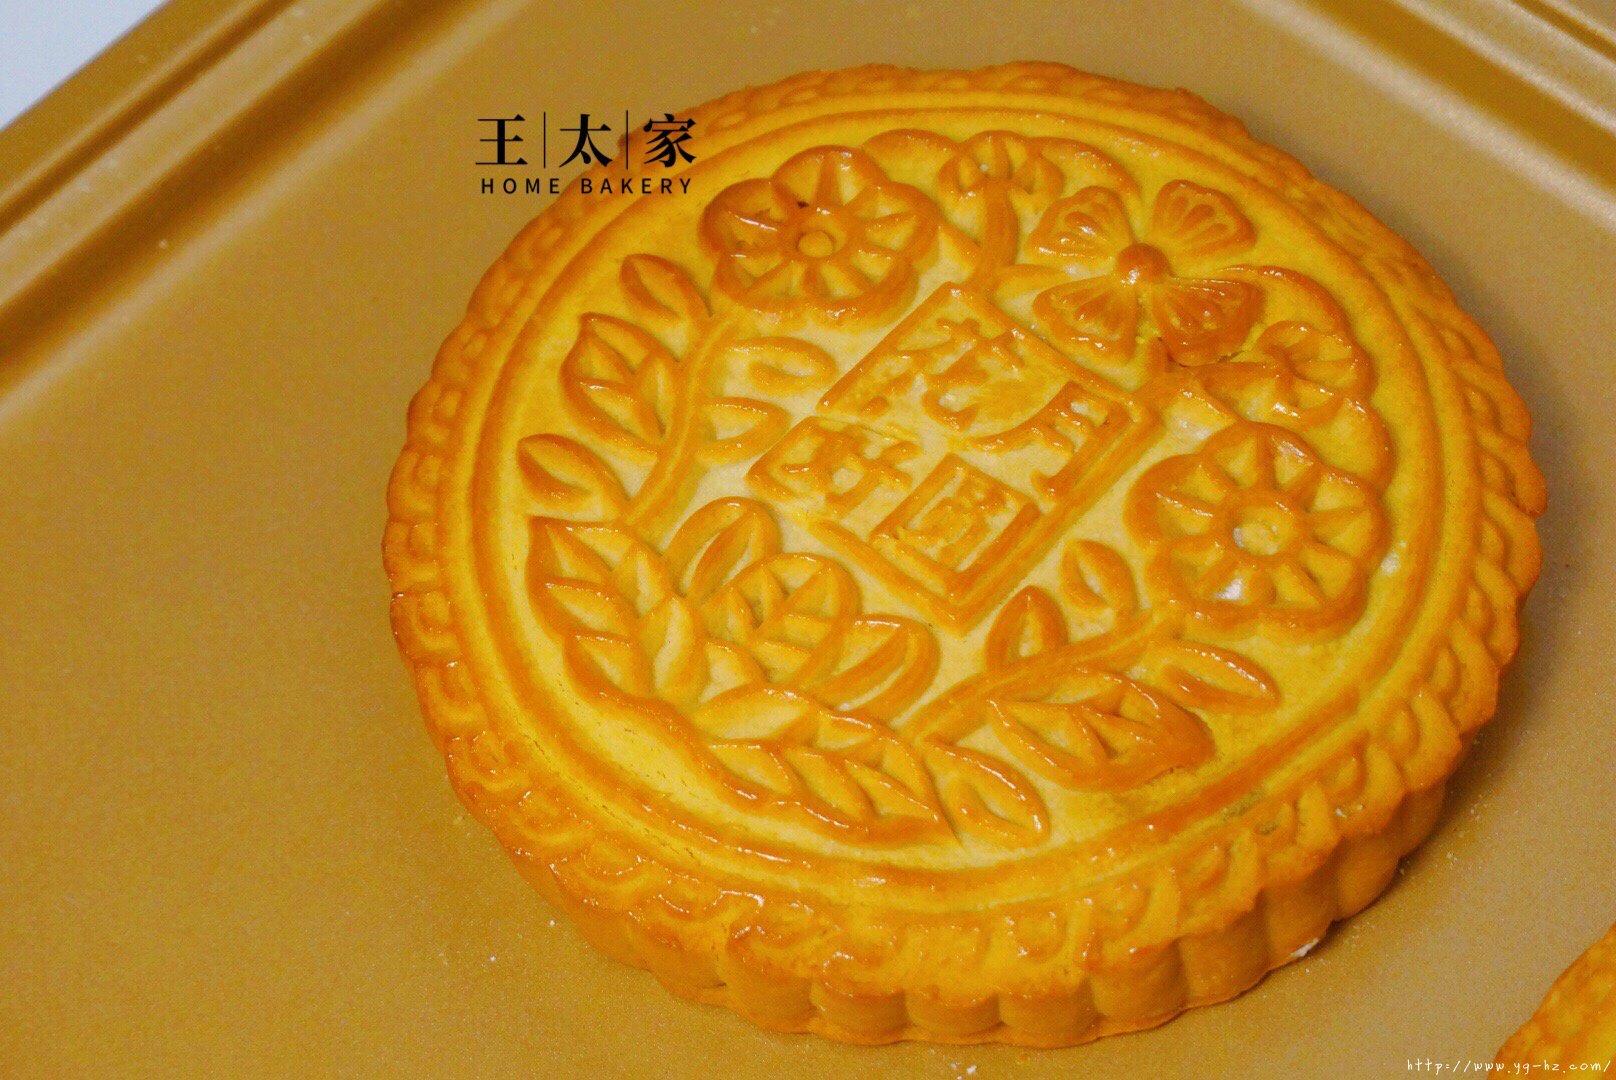 中秋月饼之比脸大的大月饼——全家团圆分享的做法 步骤26